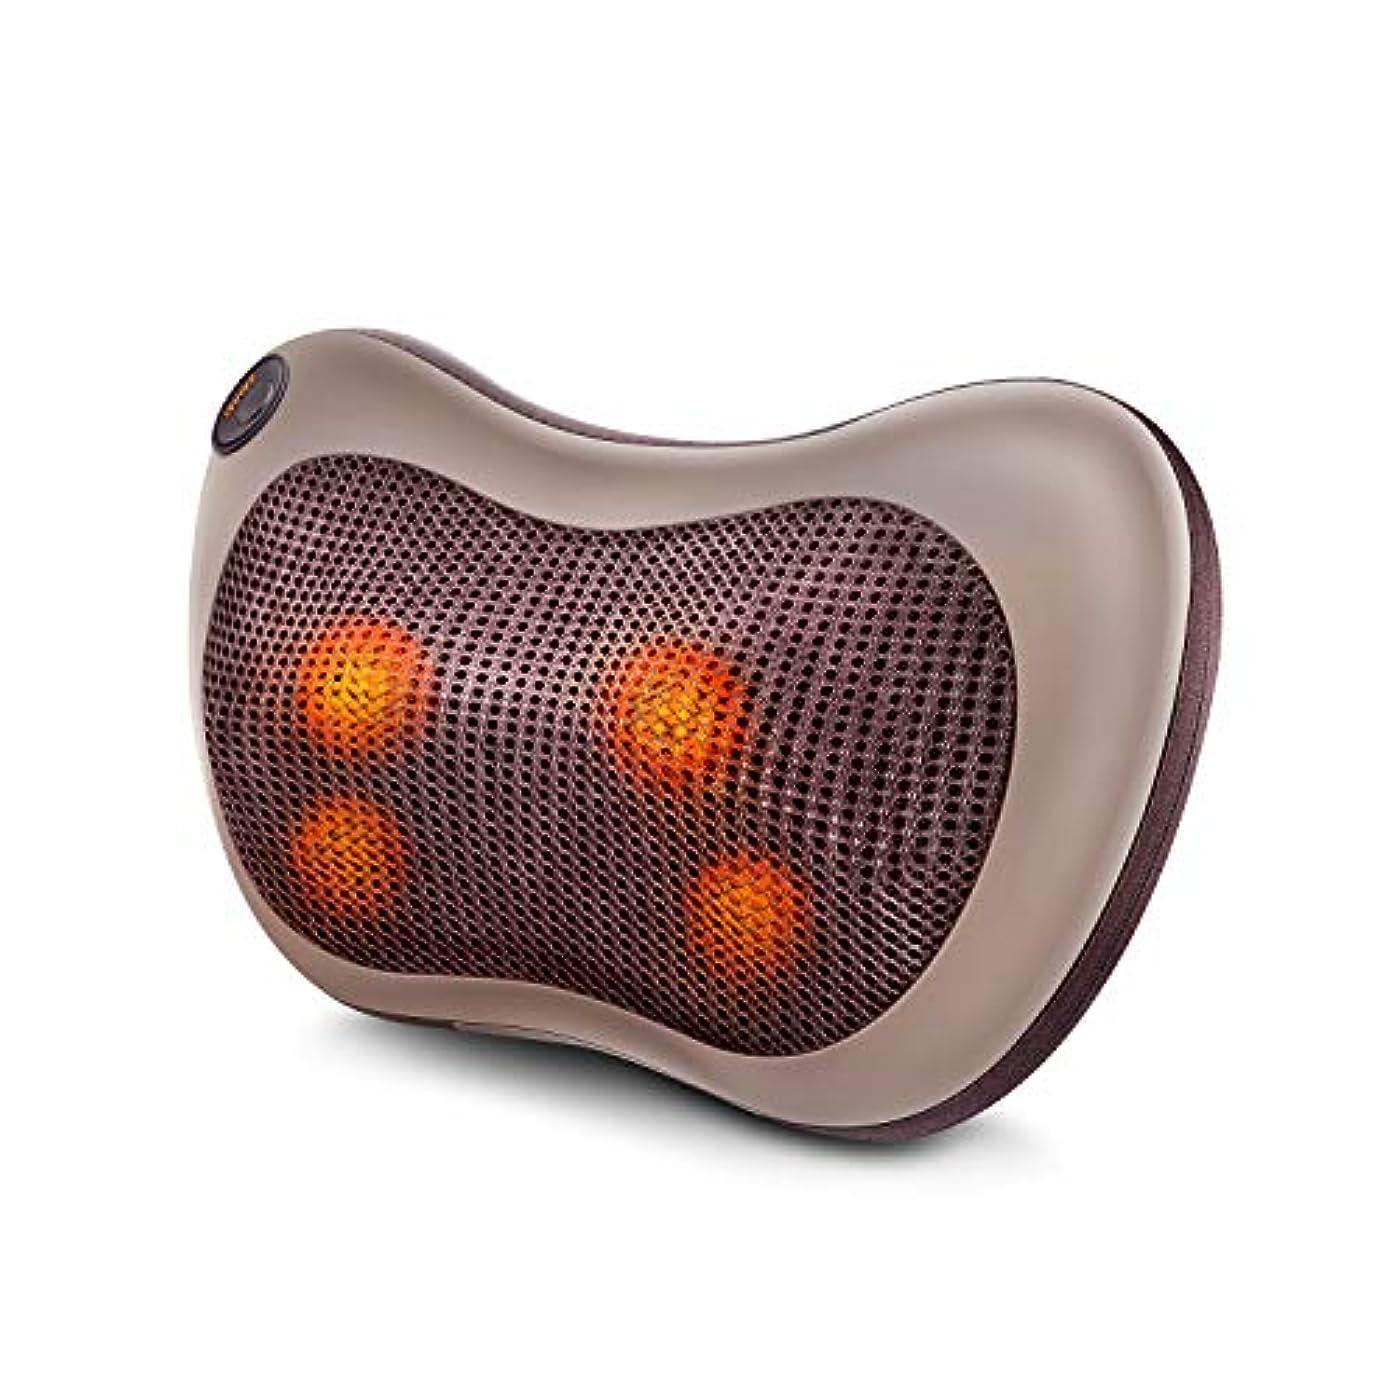 最少居心地の良い大声でマッサージ枕 マッサージ機 首マッサージ マッサージピロー マッサージクッション 自宅 オフィス 車載マッサージャー 加熱 3モード調節可能 過熱防止 日本語説明書付き